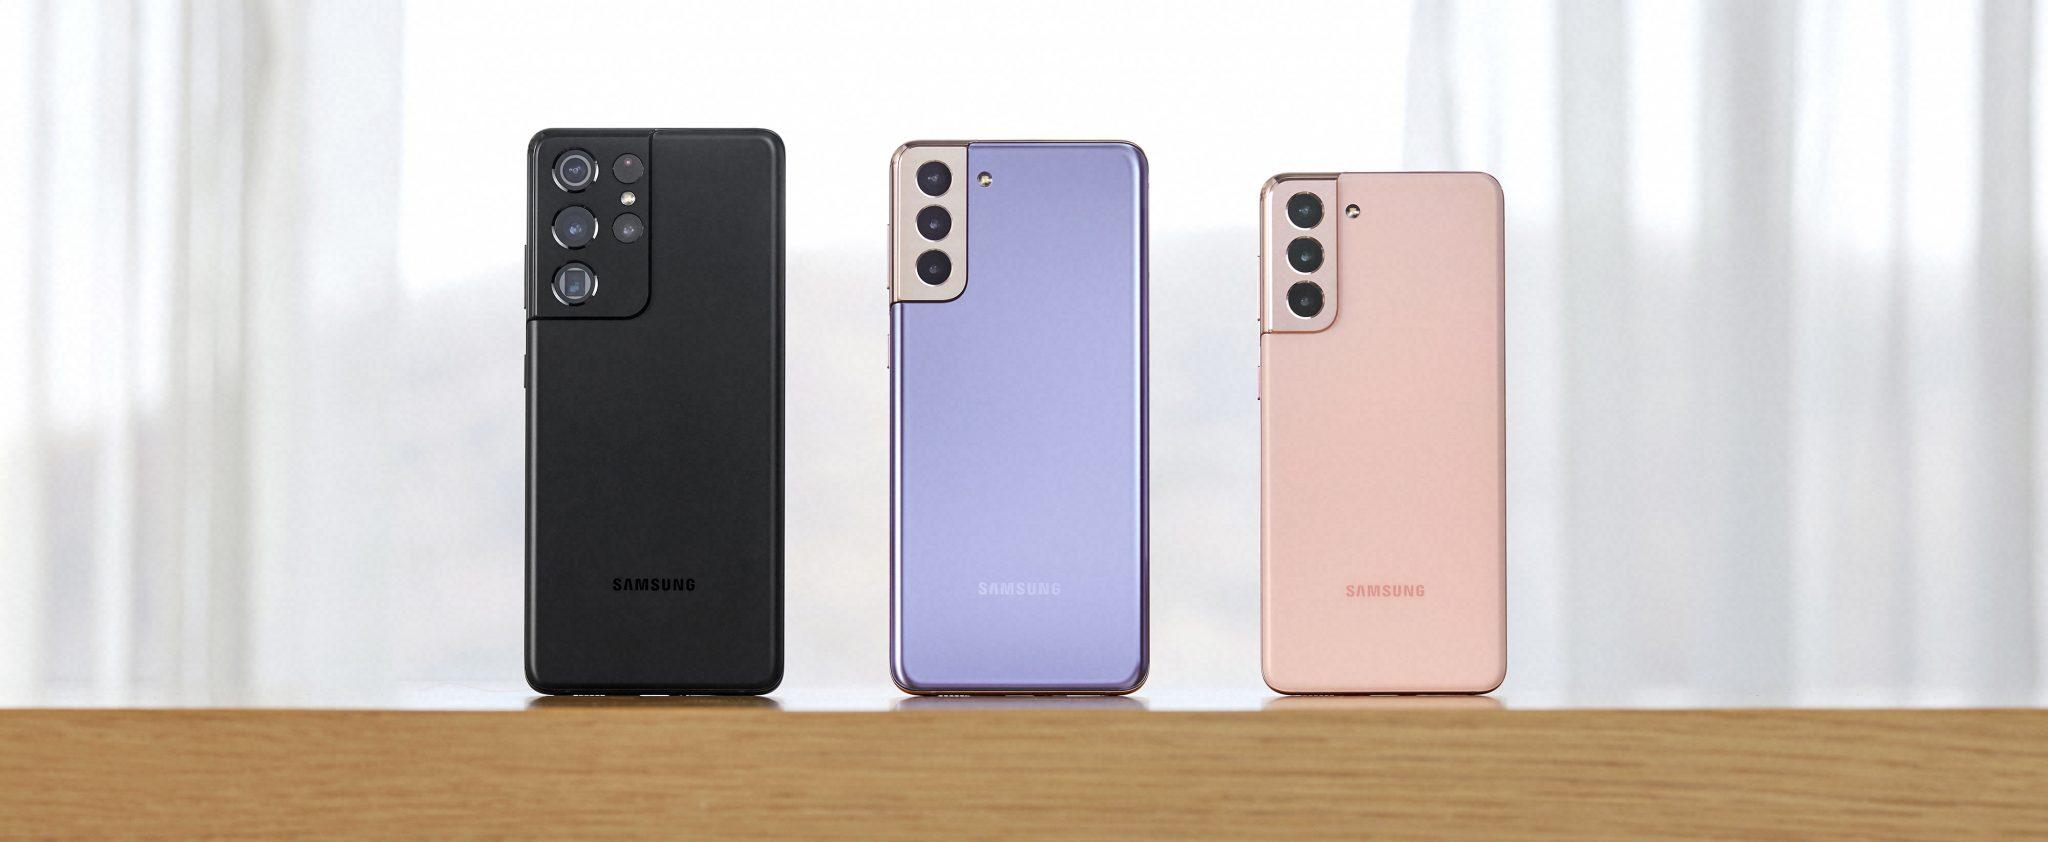 Galaxy S21: Samsung moderatamente soddisfatta della domanda